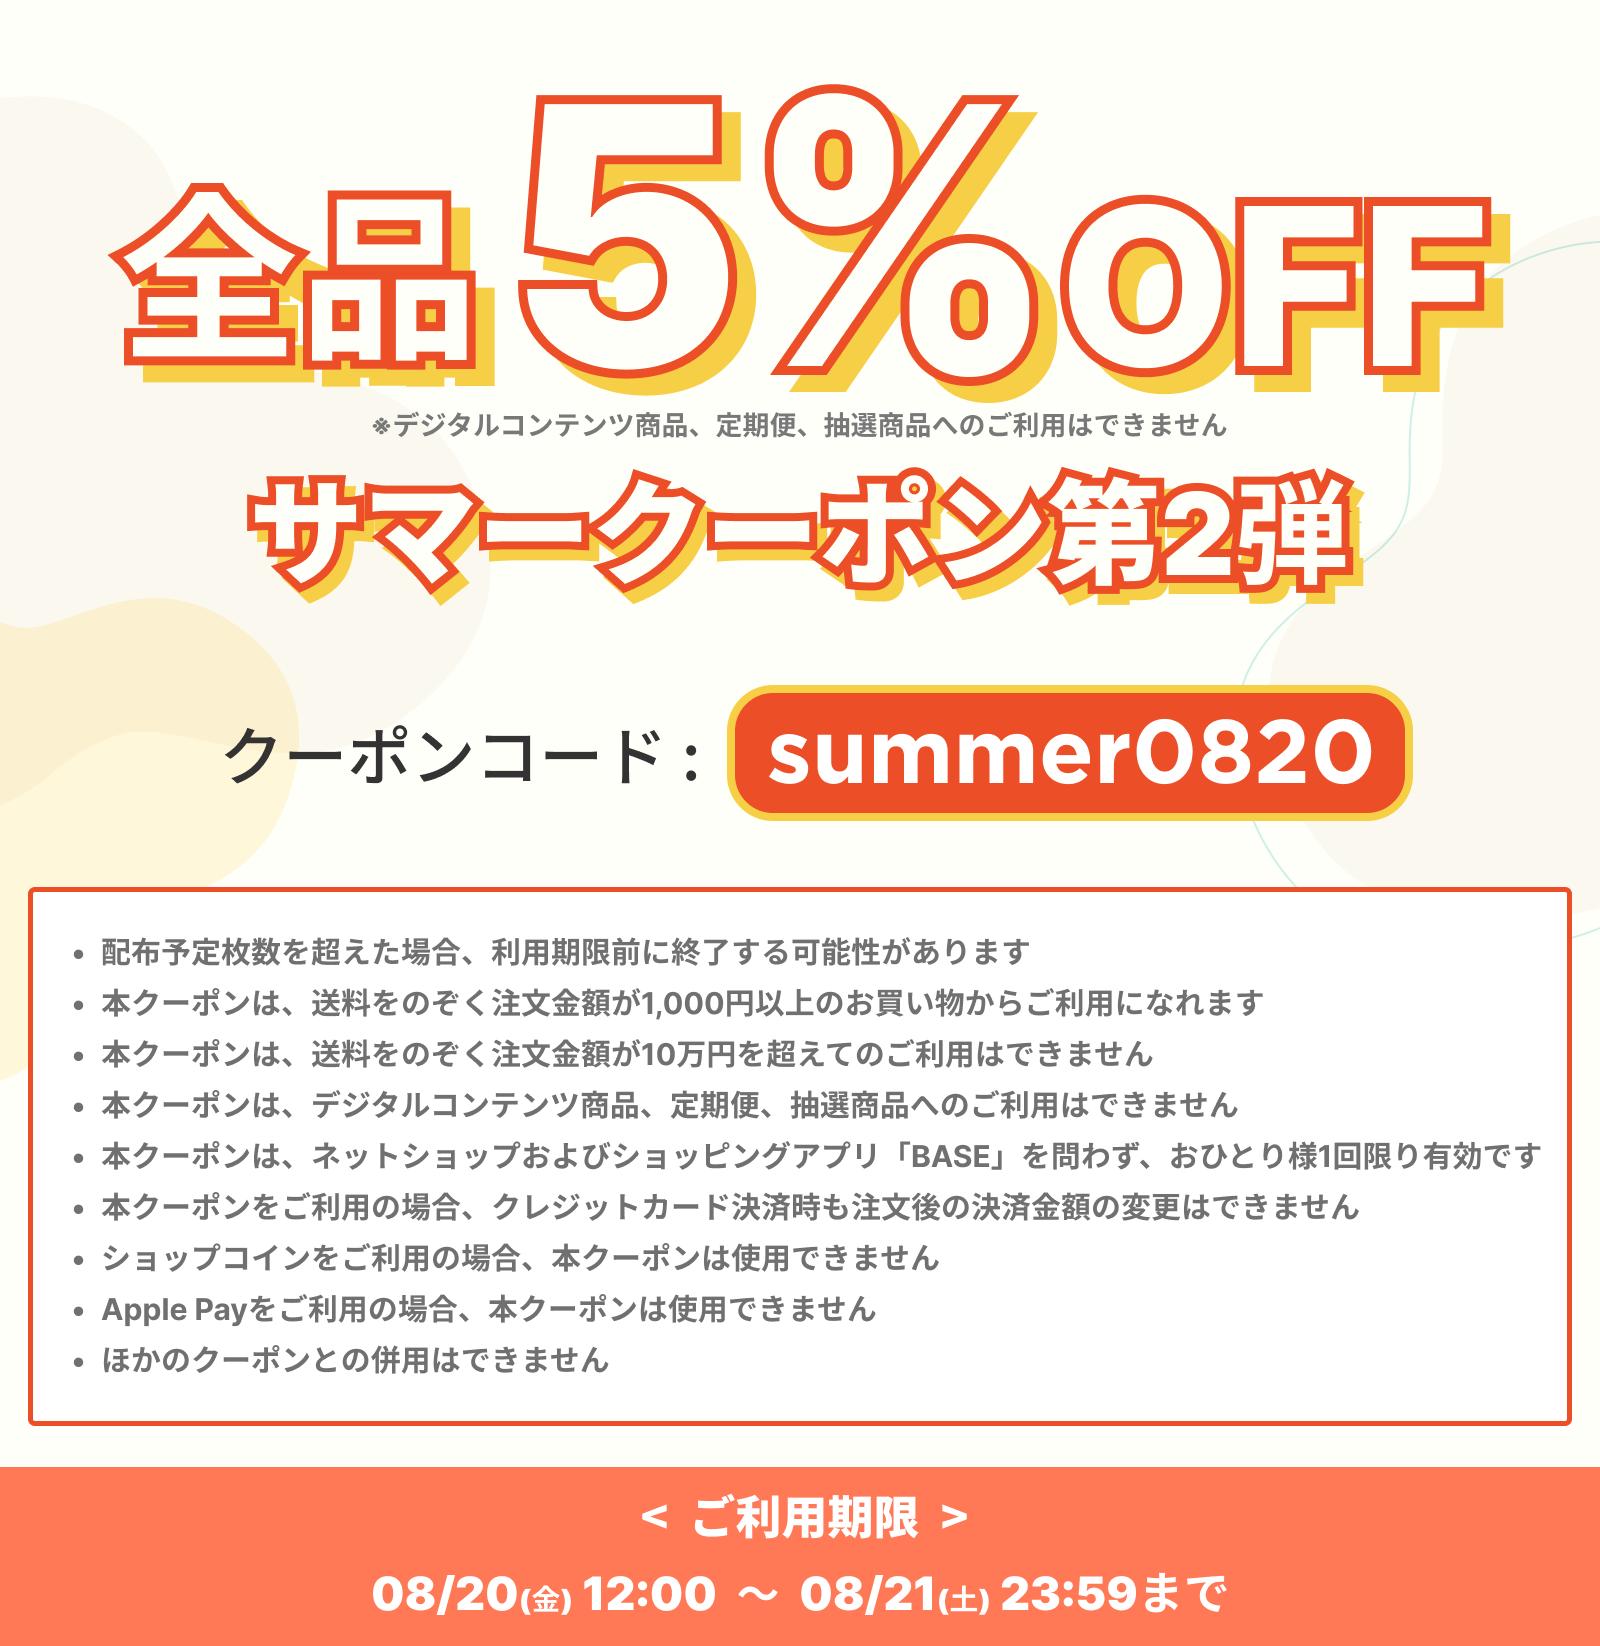 summerクーポン 第二弾!!